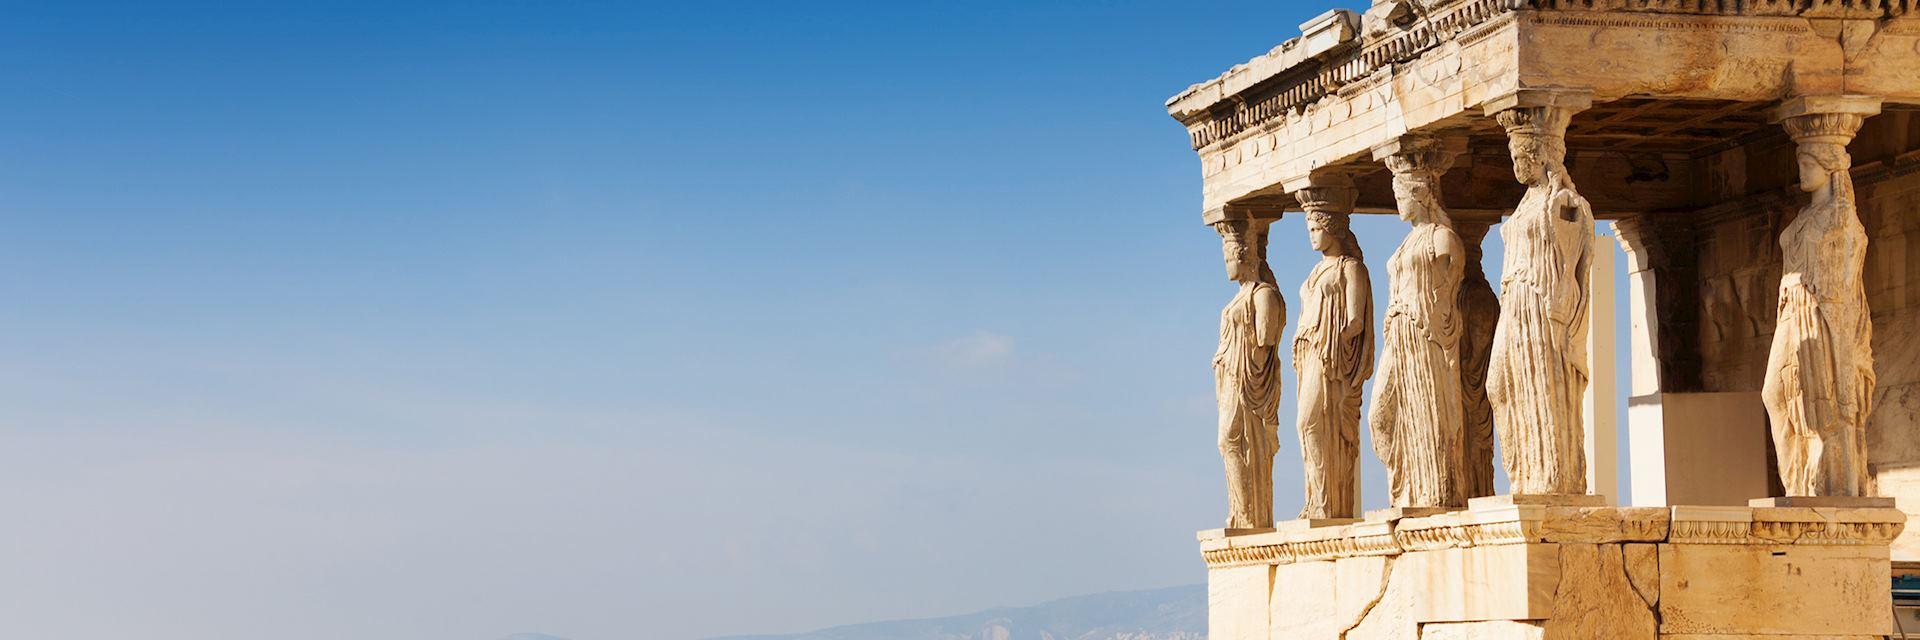 Erechtheion in Athens